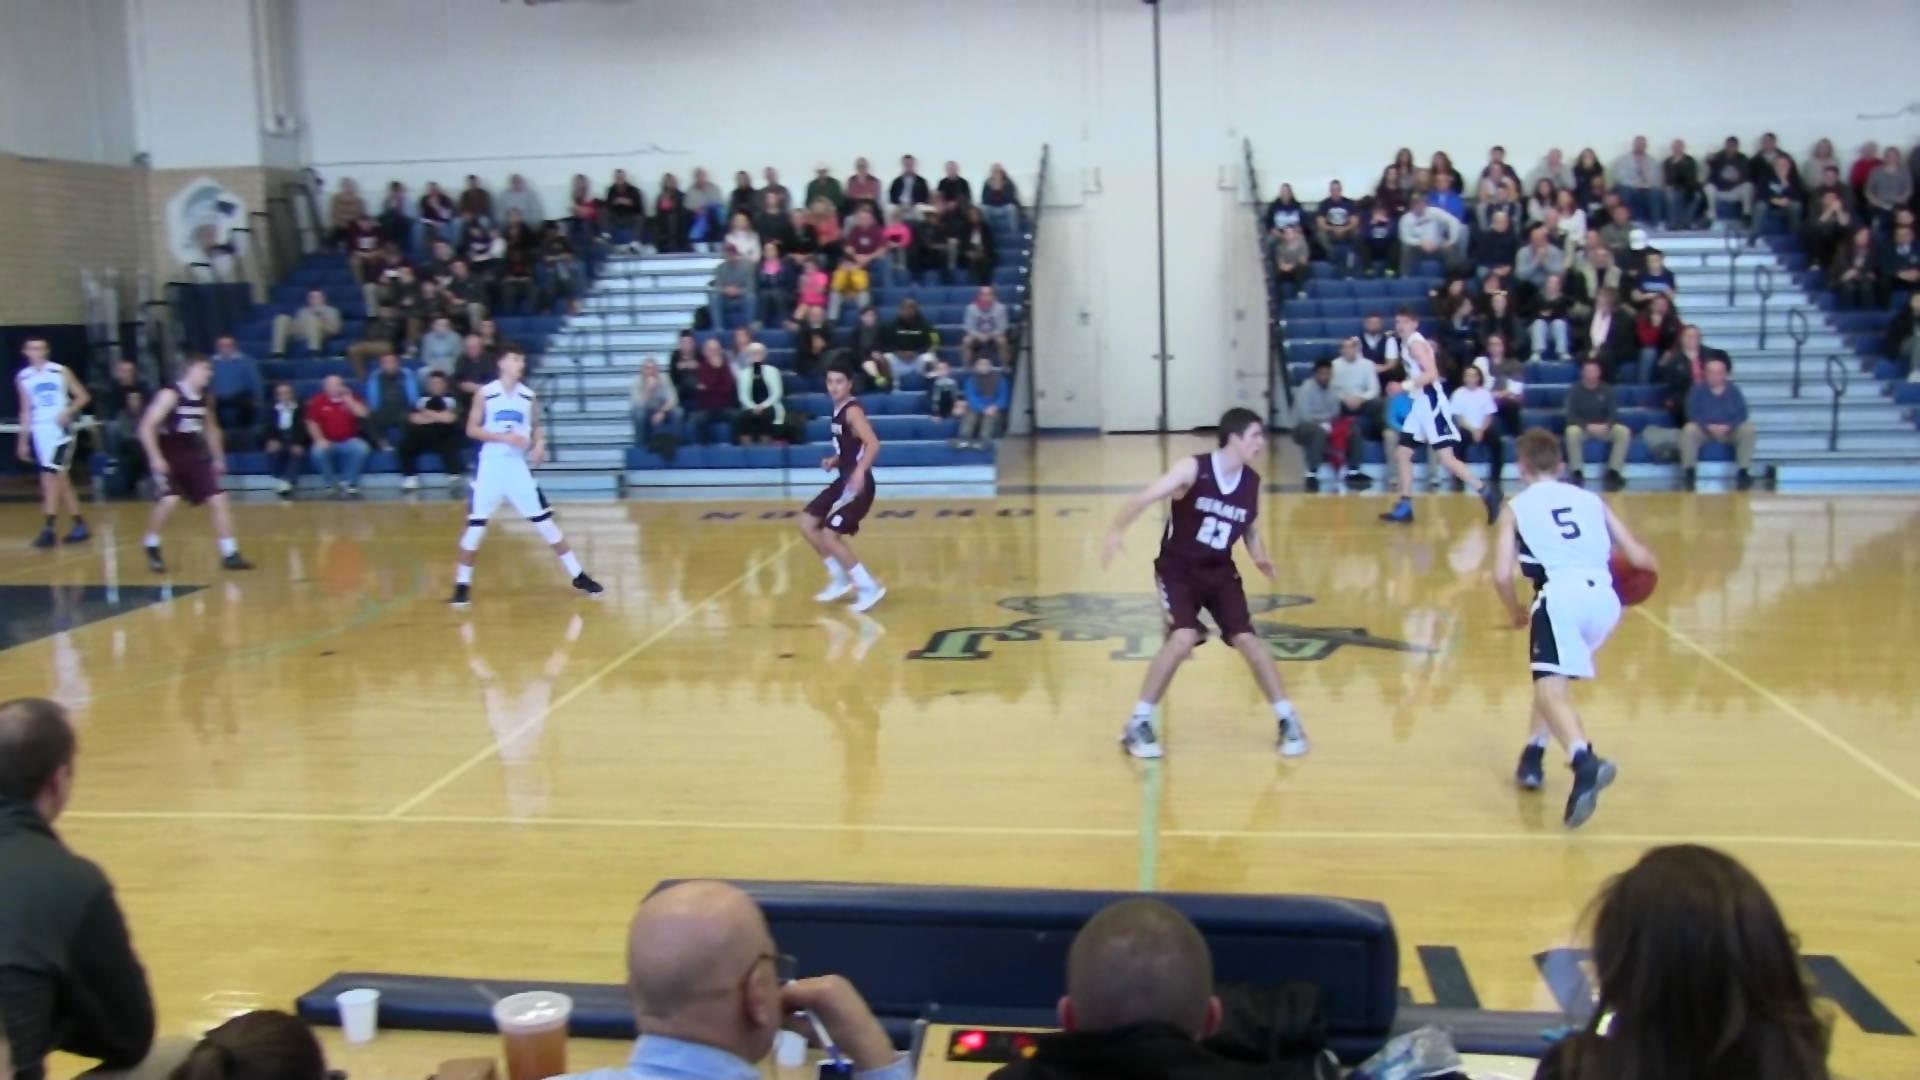 d0150e3dfe20d01090c8_ALJ-Summit_Boys_Varsity_Basketball__5A.JPG